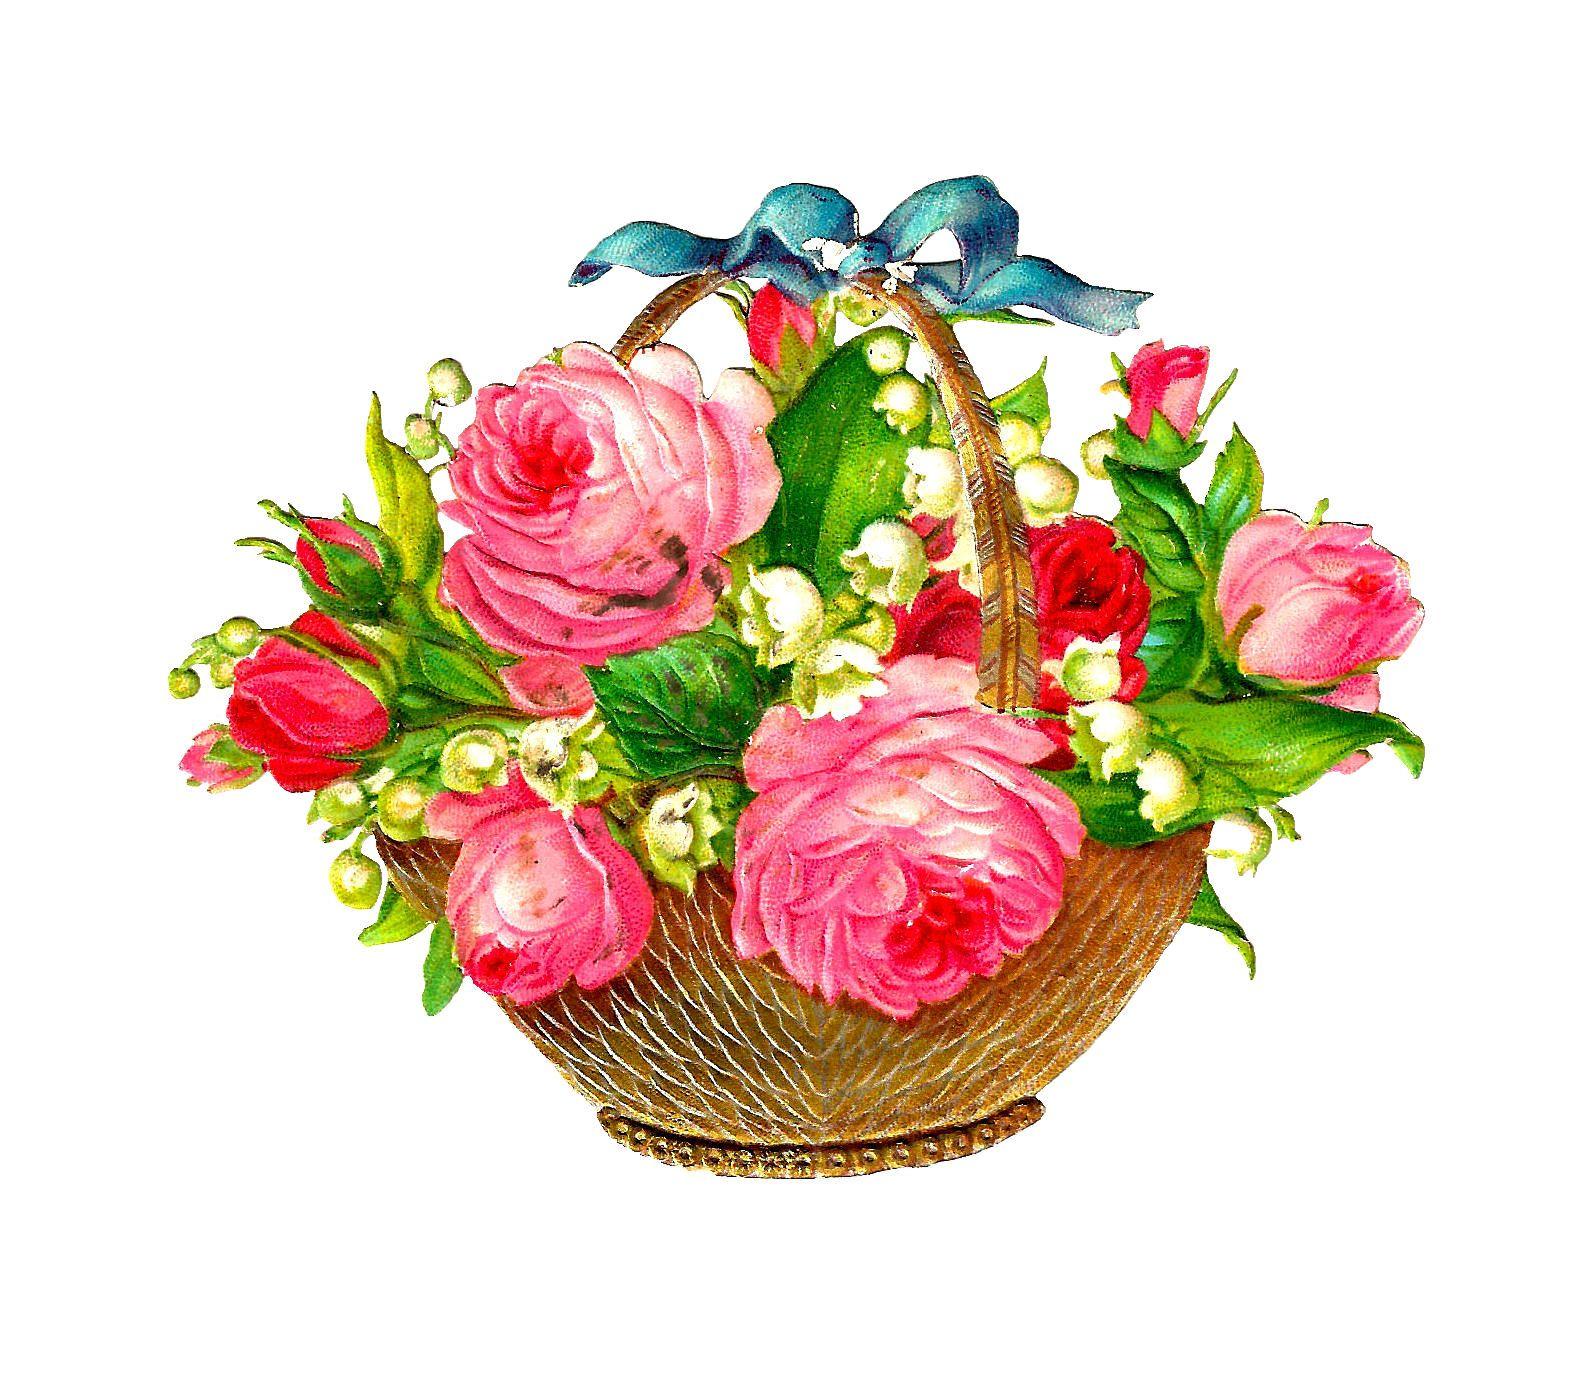 flowerbasket3.jpg 1569×1386 pixels